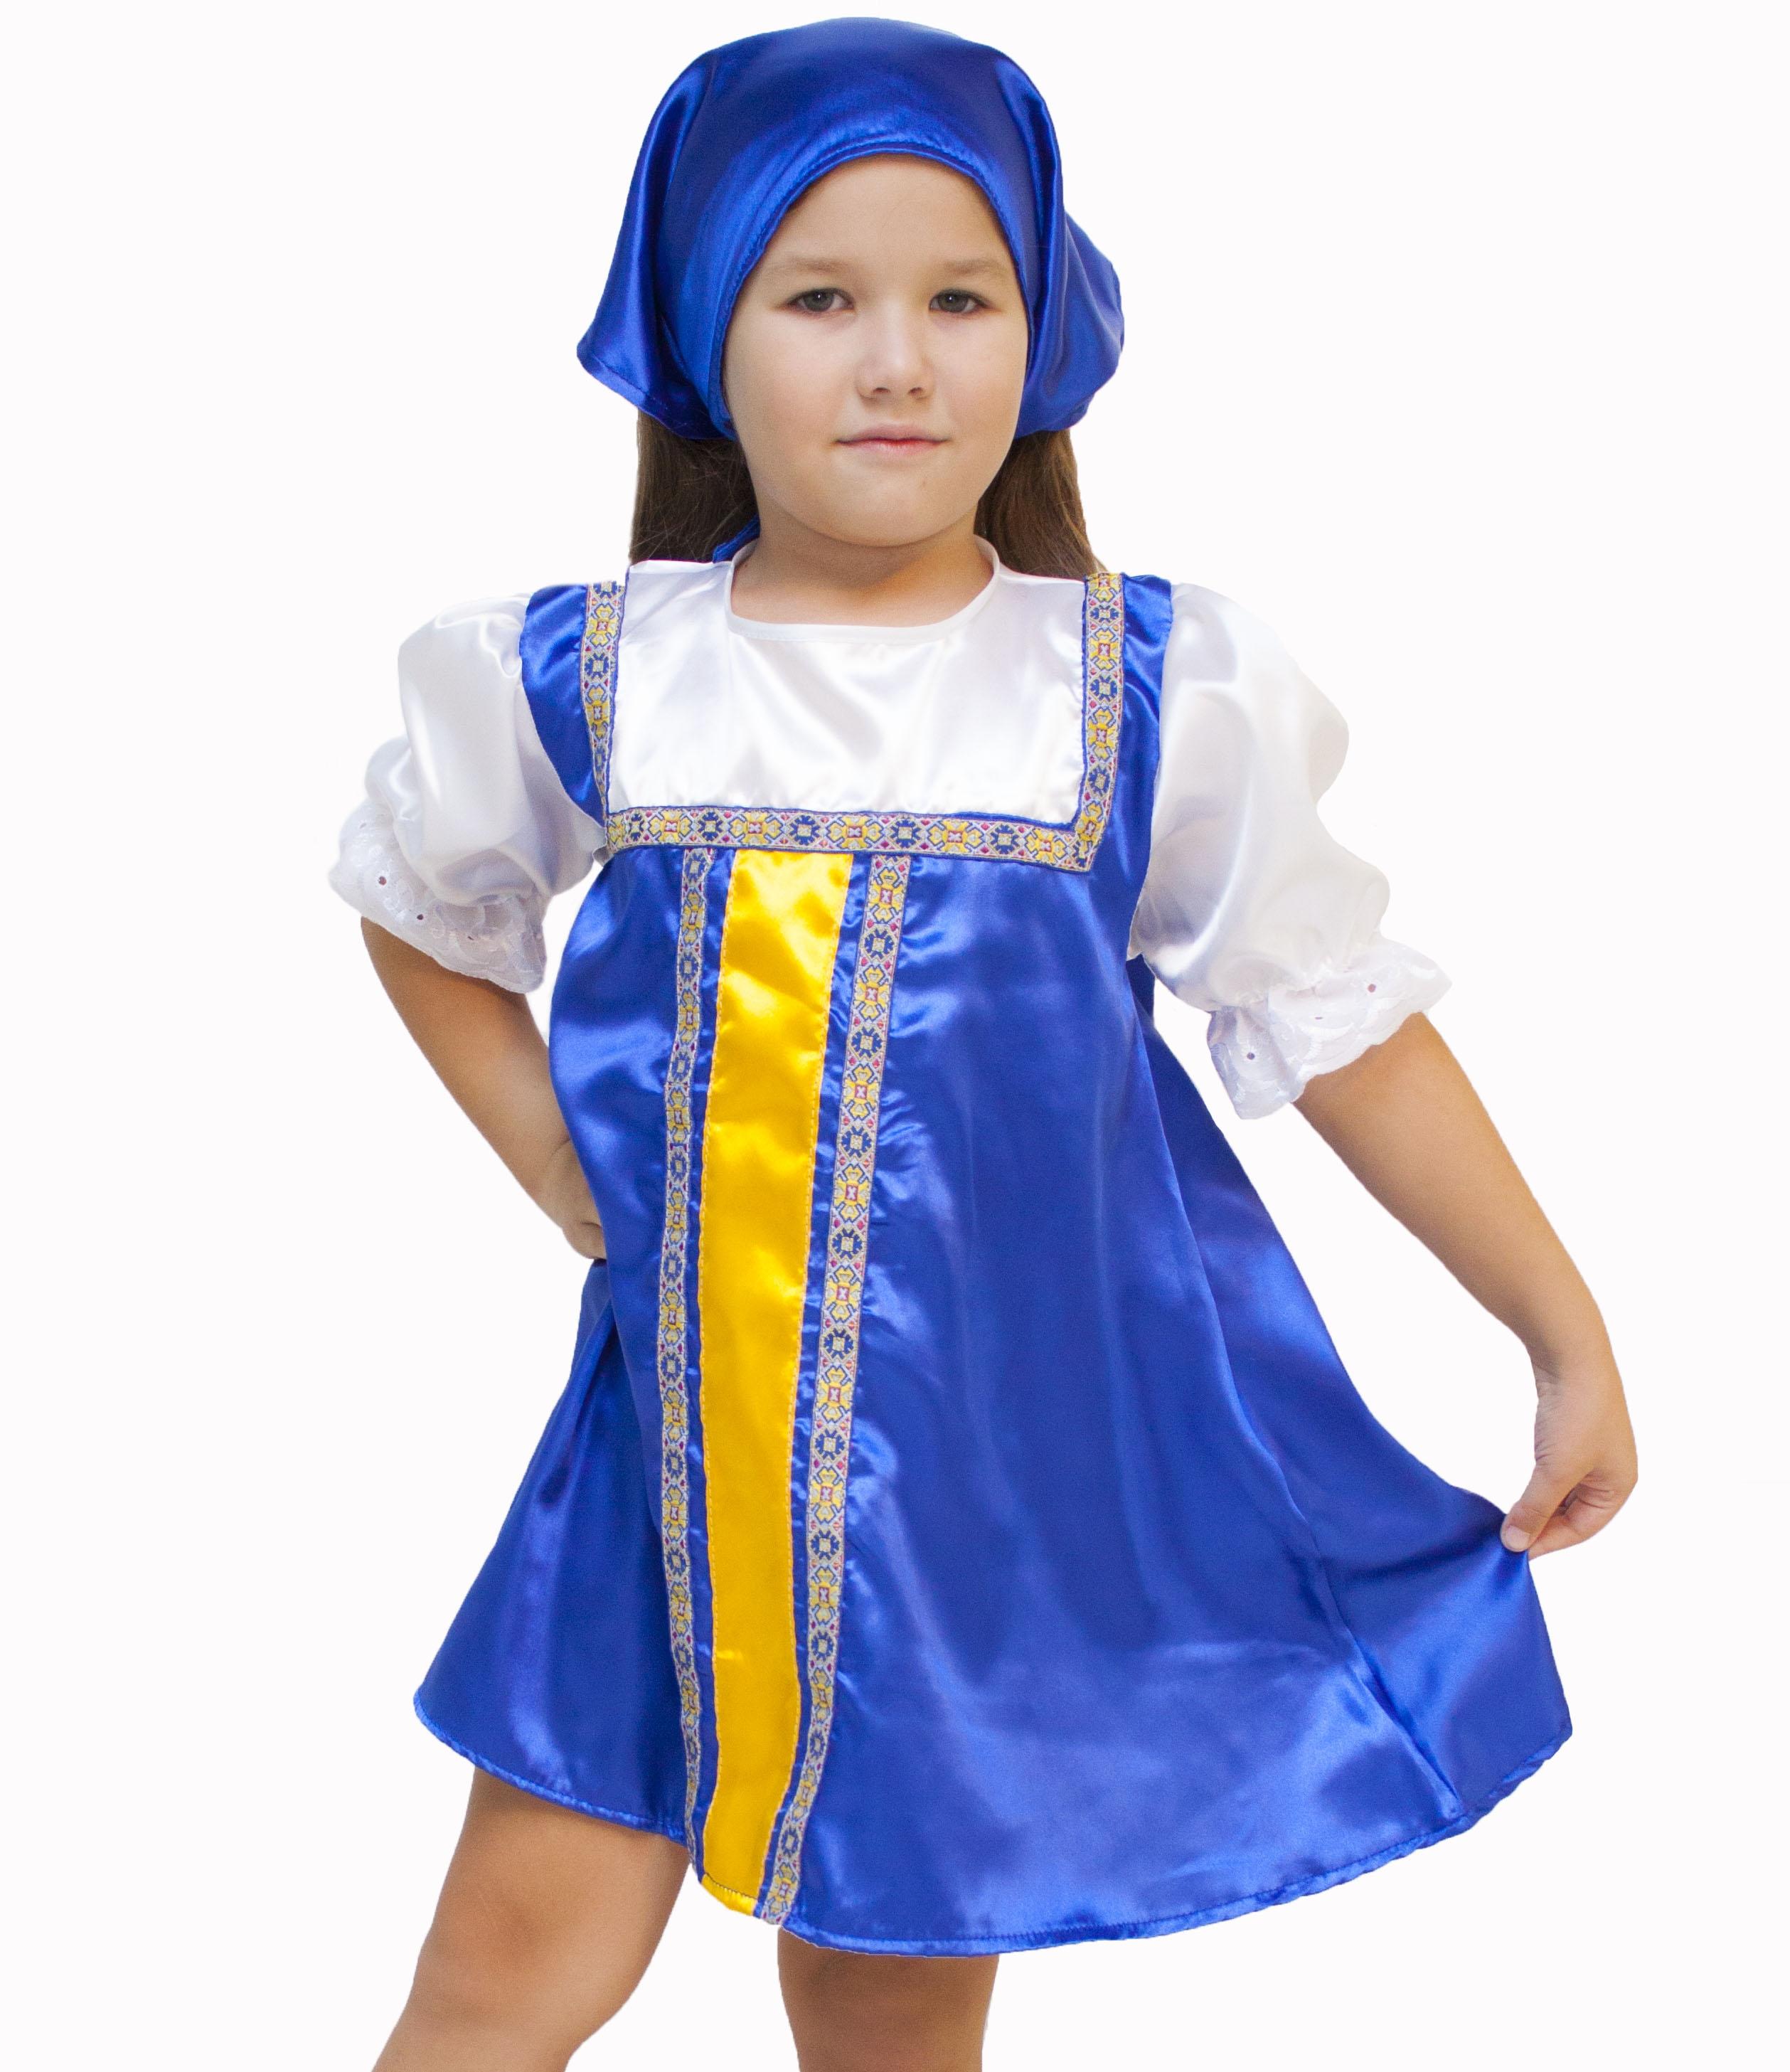 Детский русский плясовой синий костюм (46) - Национальные костюмы, р.46